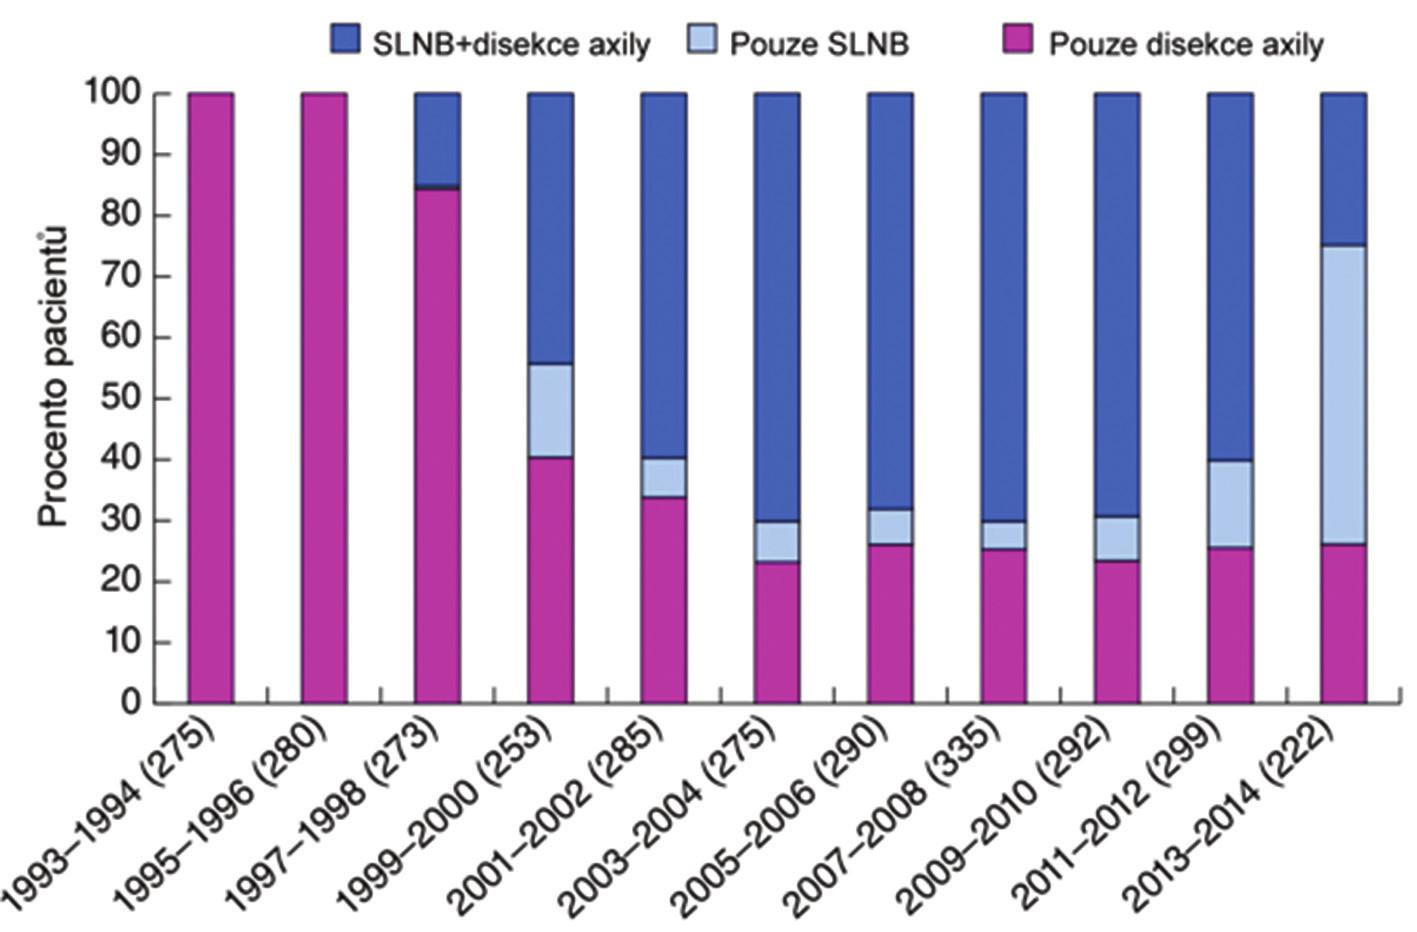 SLNB a axilární disekce u konzervativních výkonů v Holandsku [35] Graph 2: SLNB and axillary dissection in the Netherlands [35]